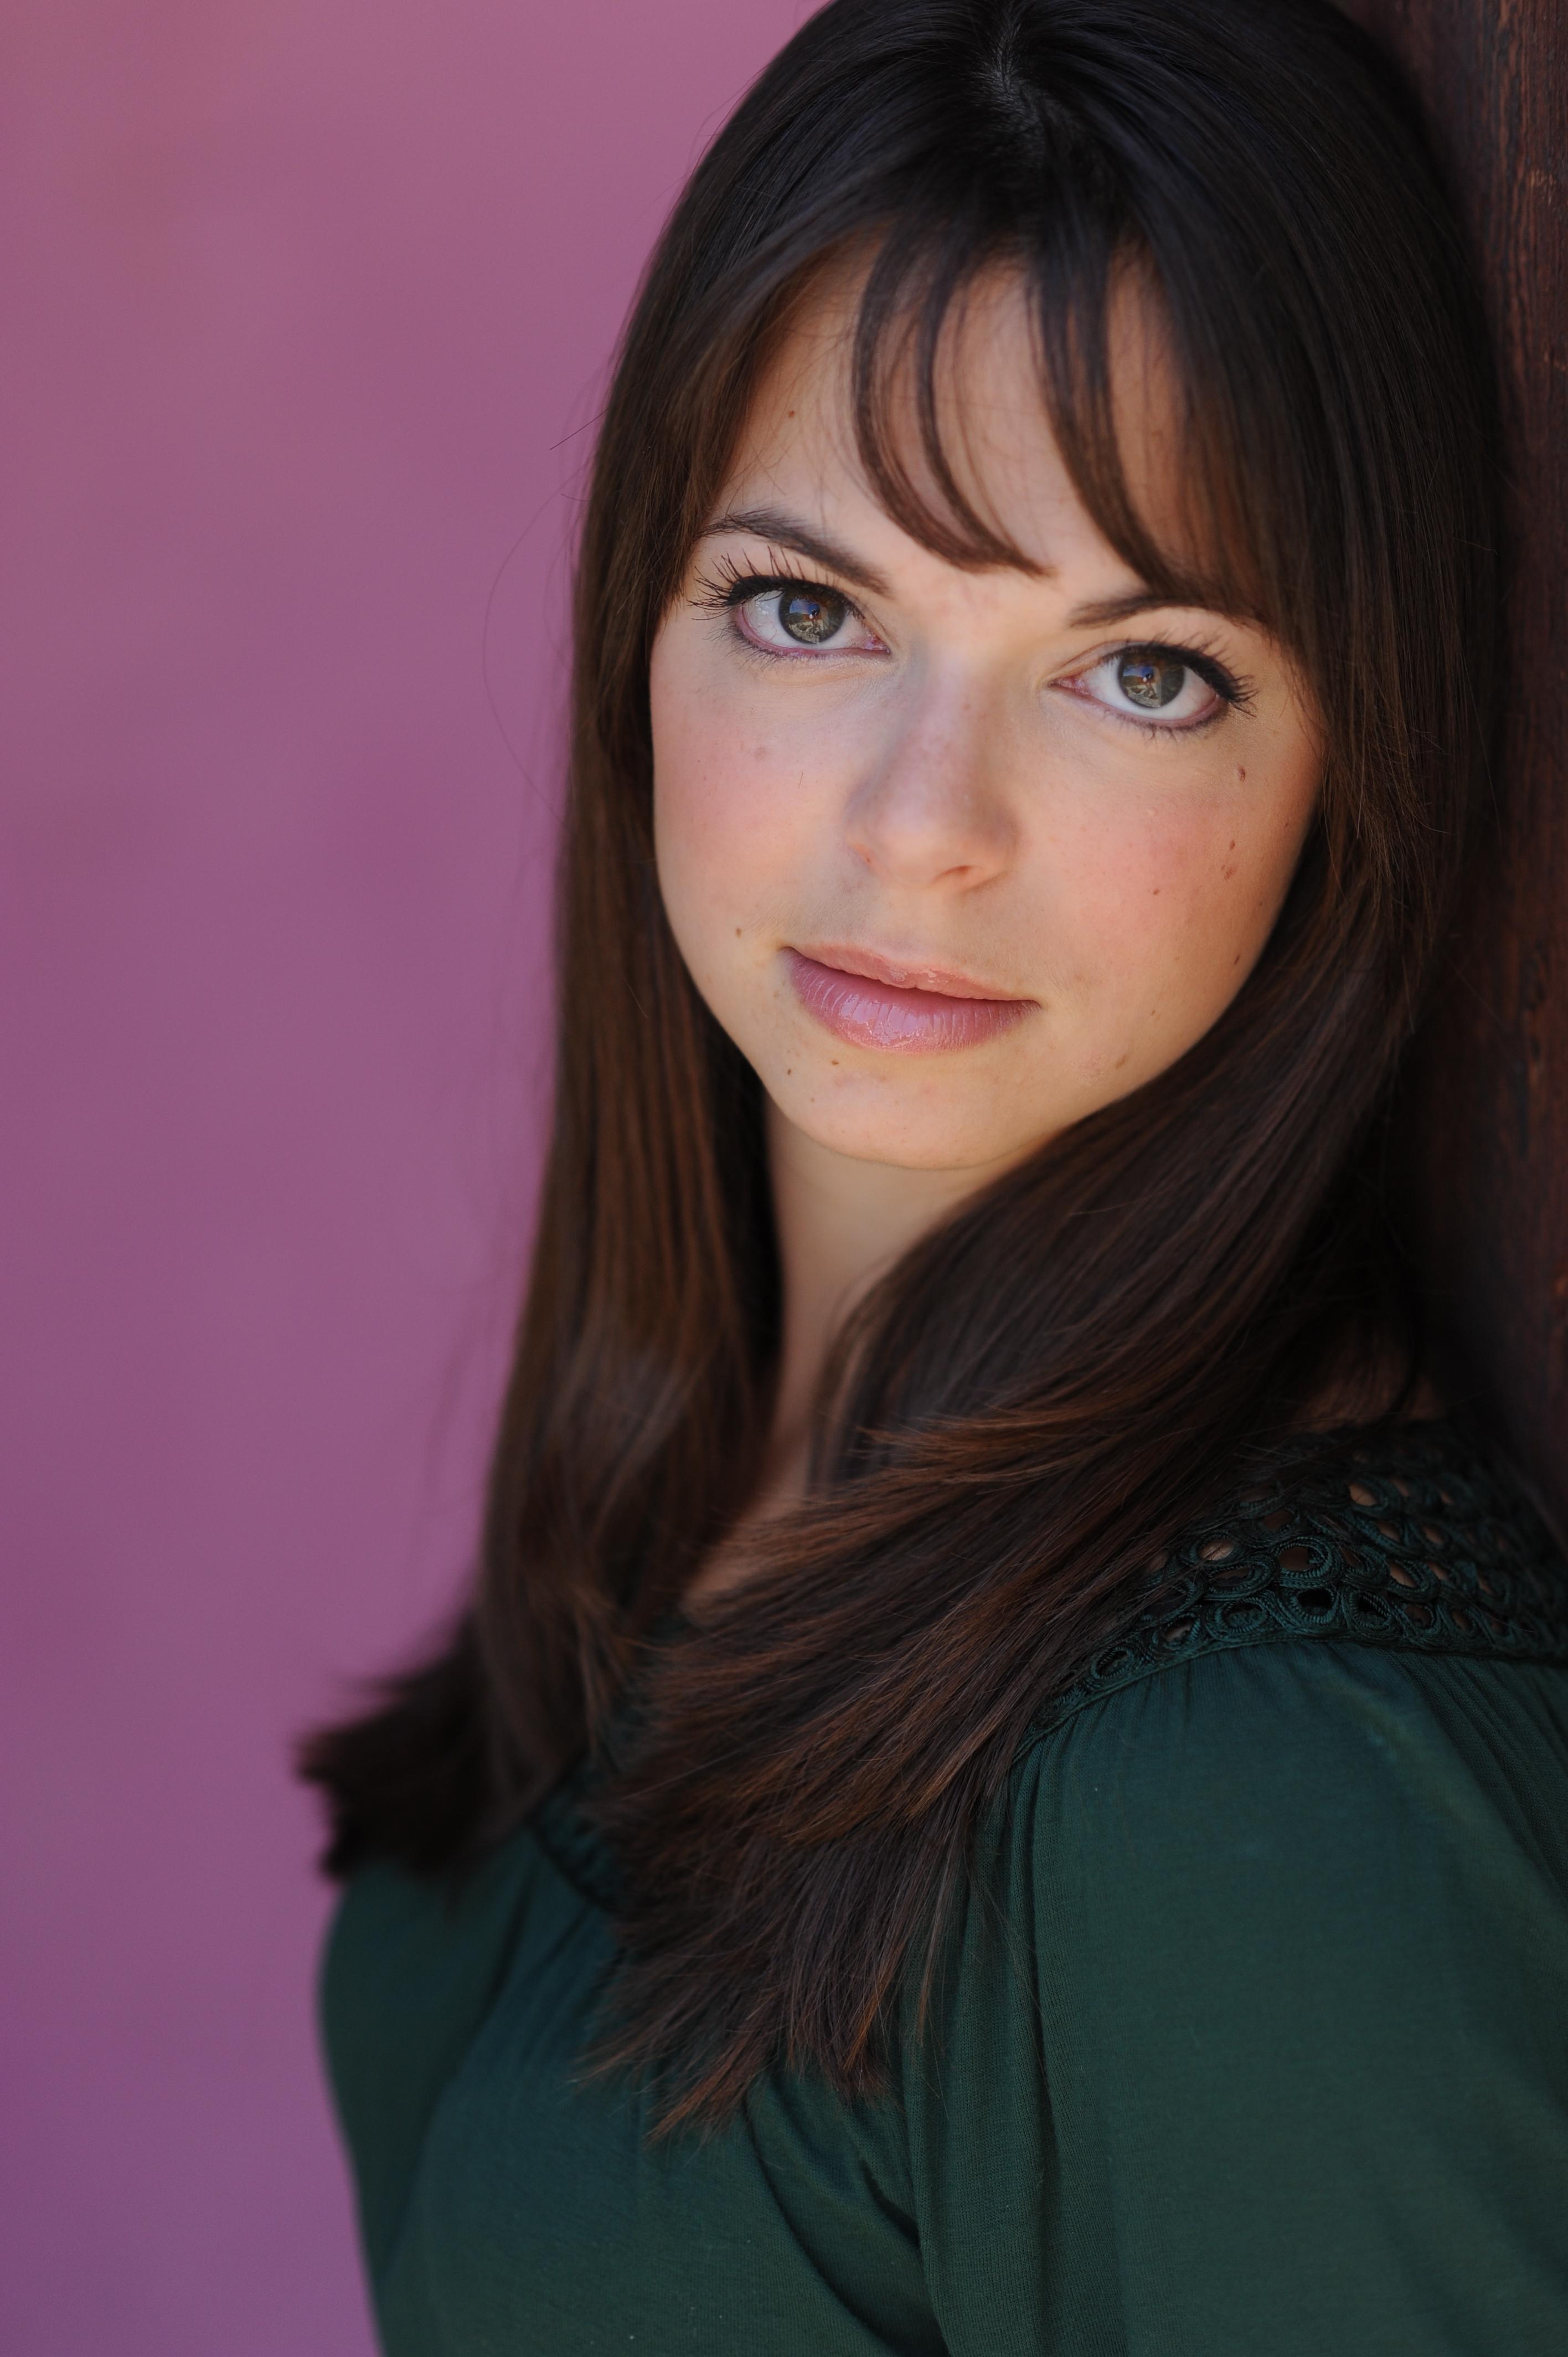 Brooke Shields Gross